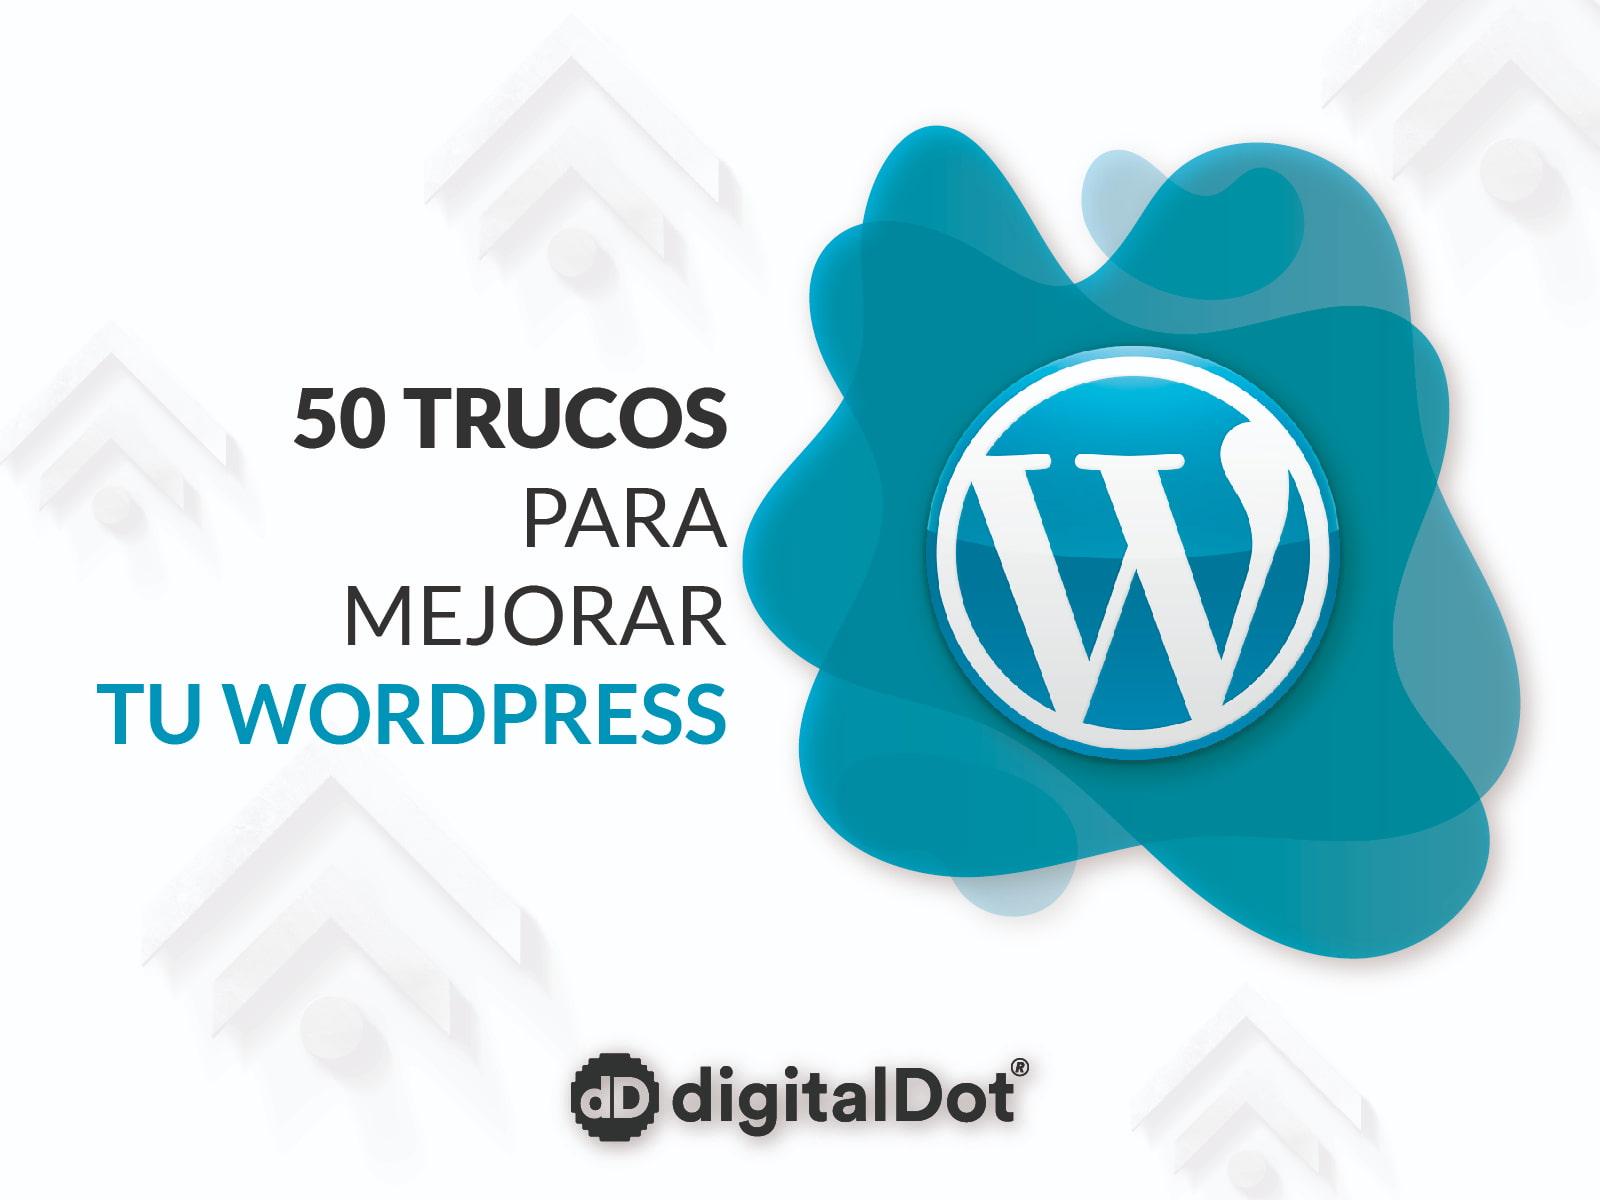 50 trucos para mejorar un WordPress